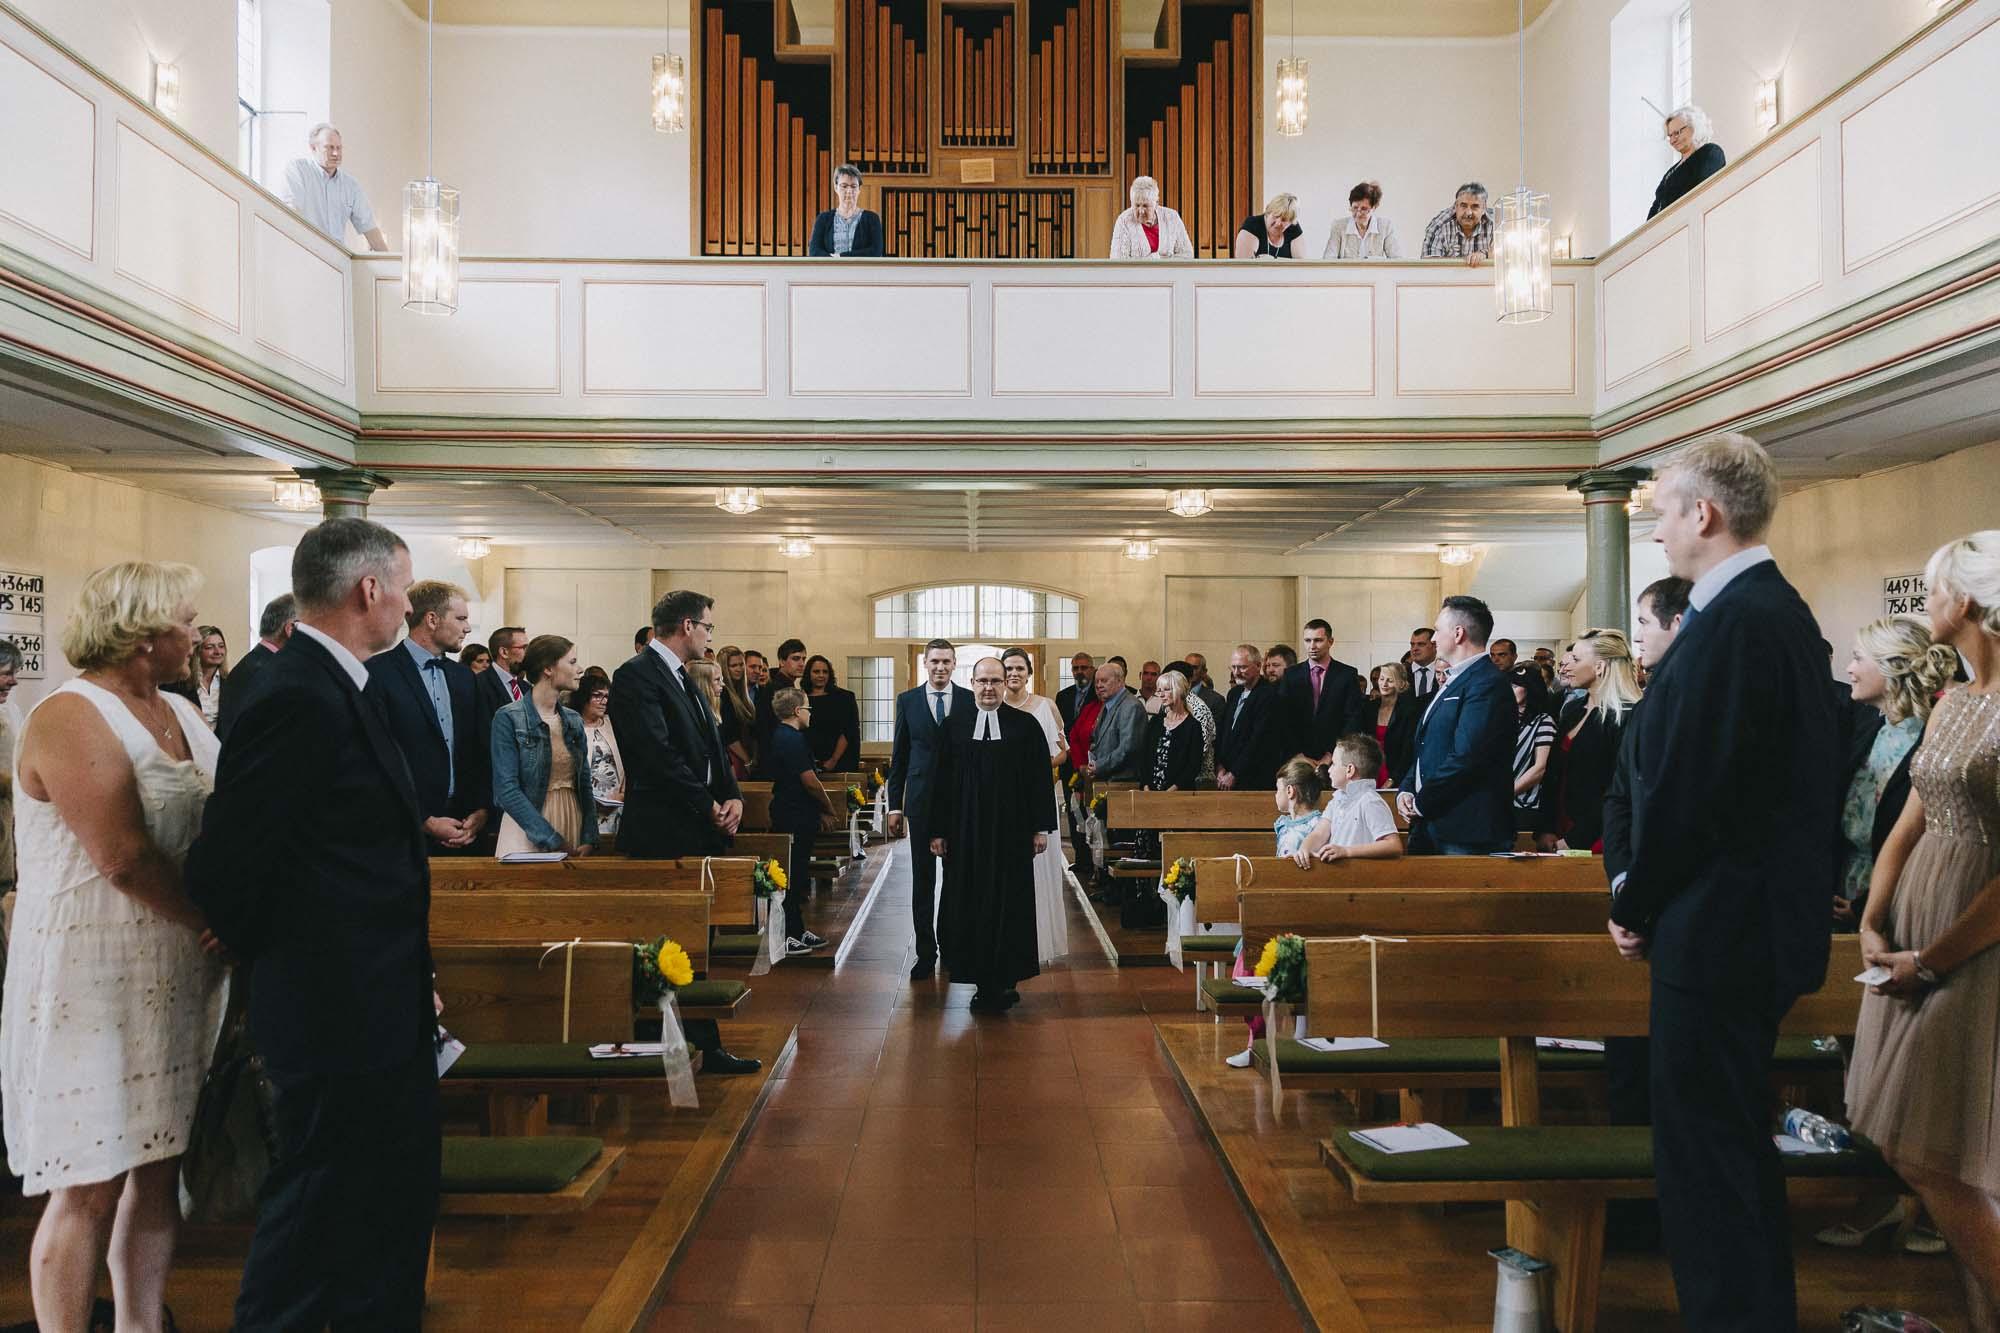 Hochzeitsreportage-Crailsheim-Krystina-Stefan-38